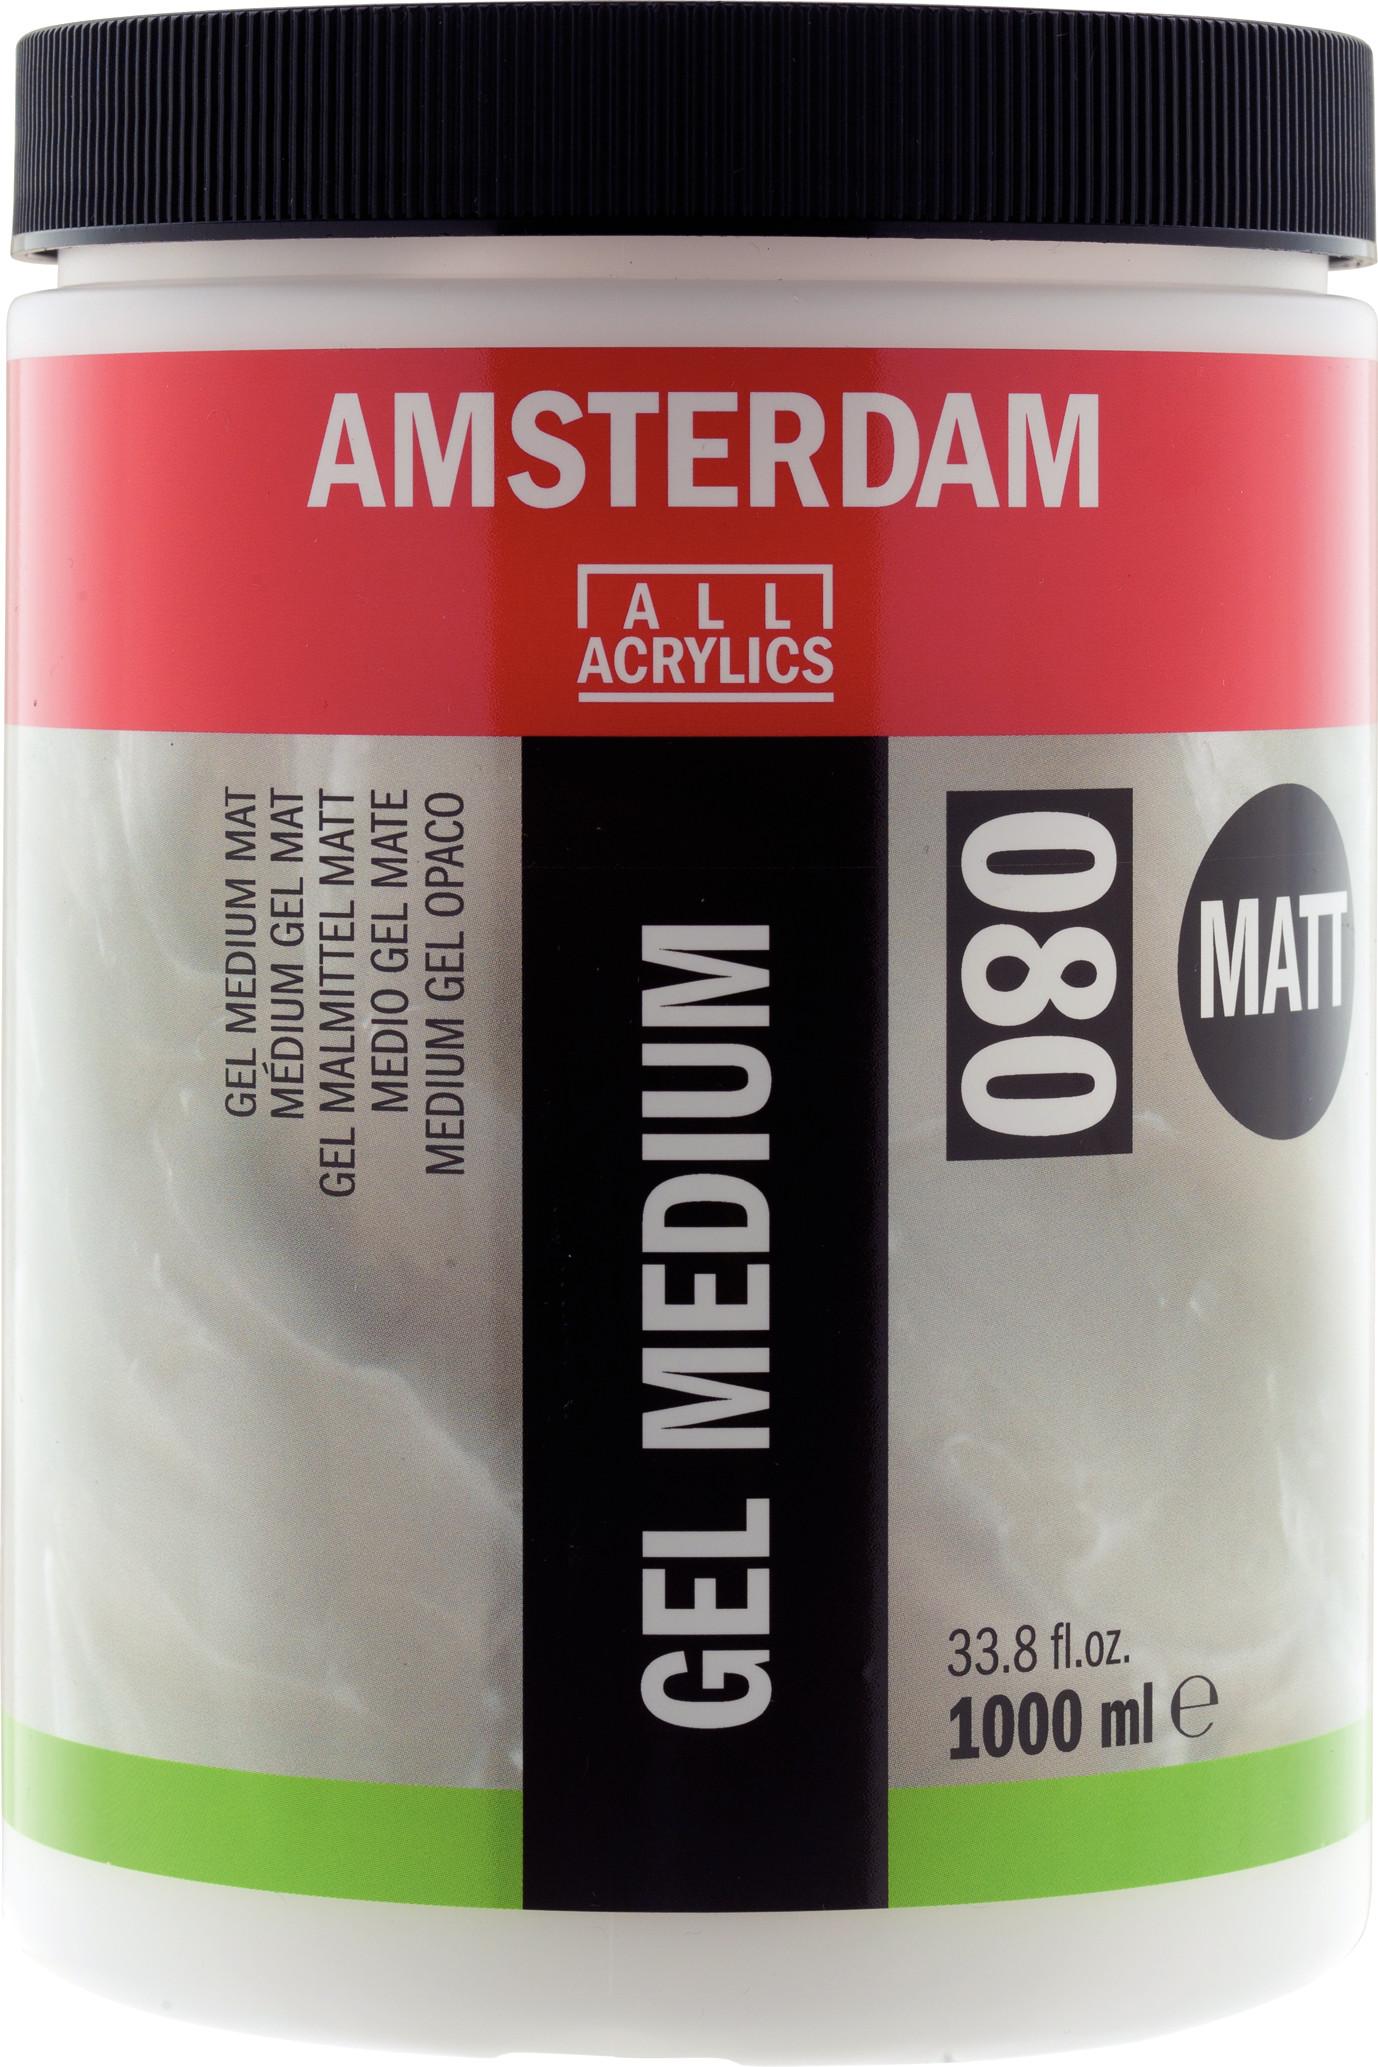 Amsterdam Gel Medium Matt Jar 1000 ml